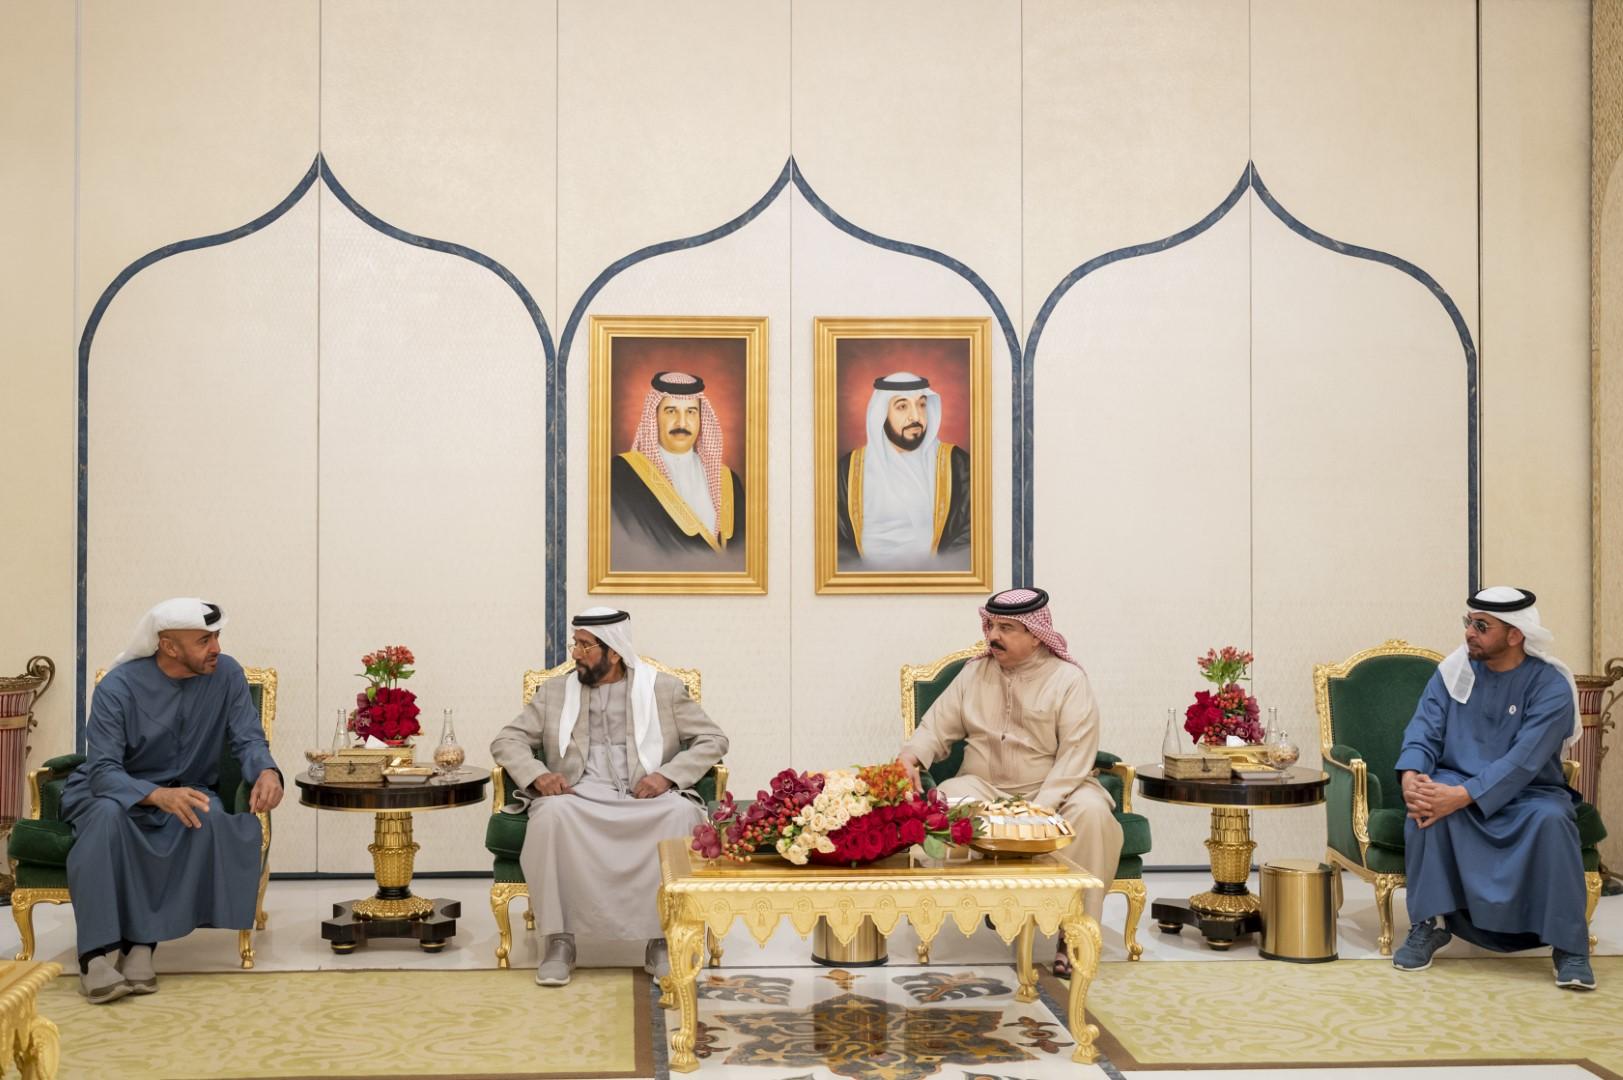 إعادة / ملك البحرين يستقبل محمد بن زايد وحمدان بن زايد وطحنون بن محمد في مقر إقامته